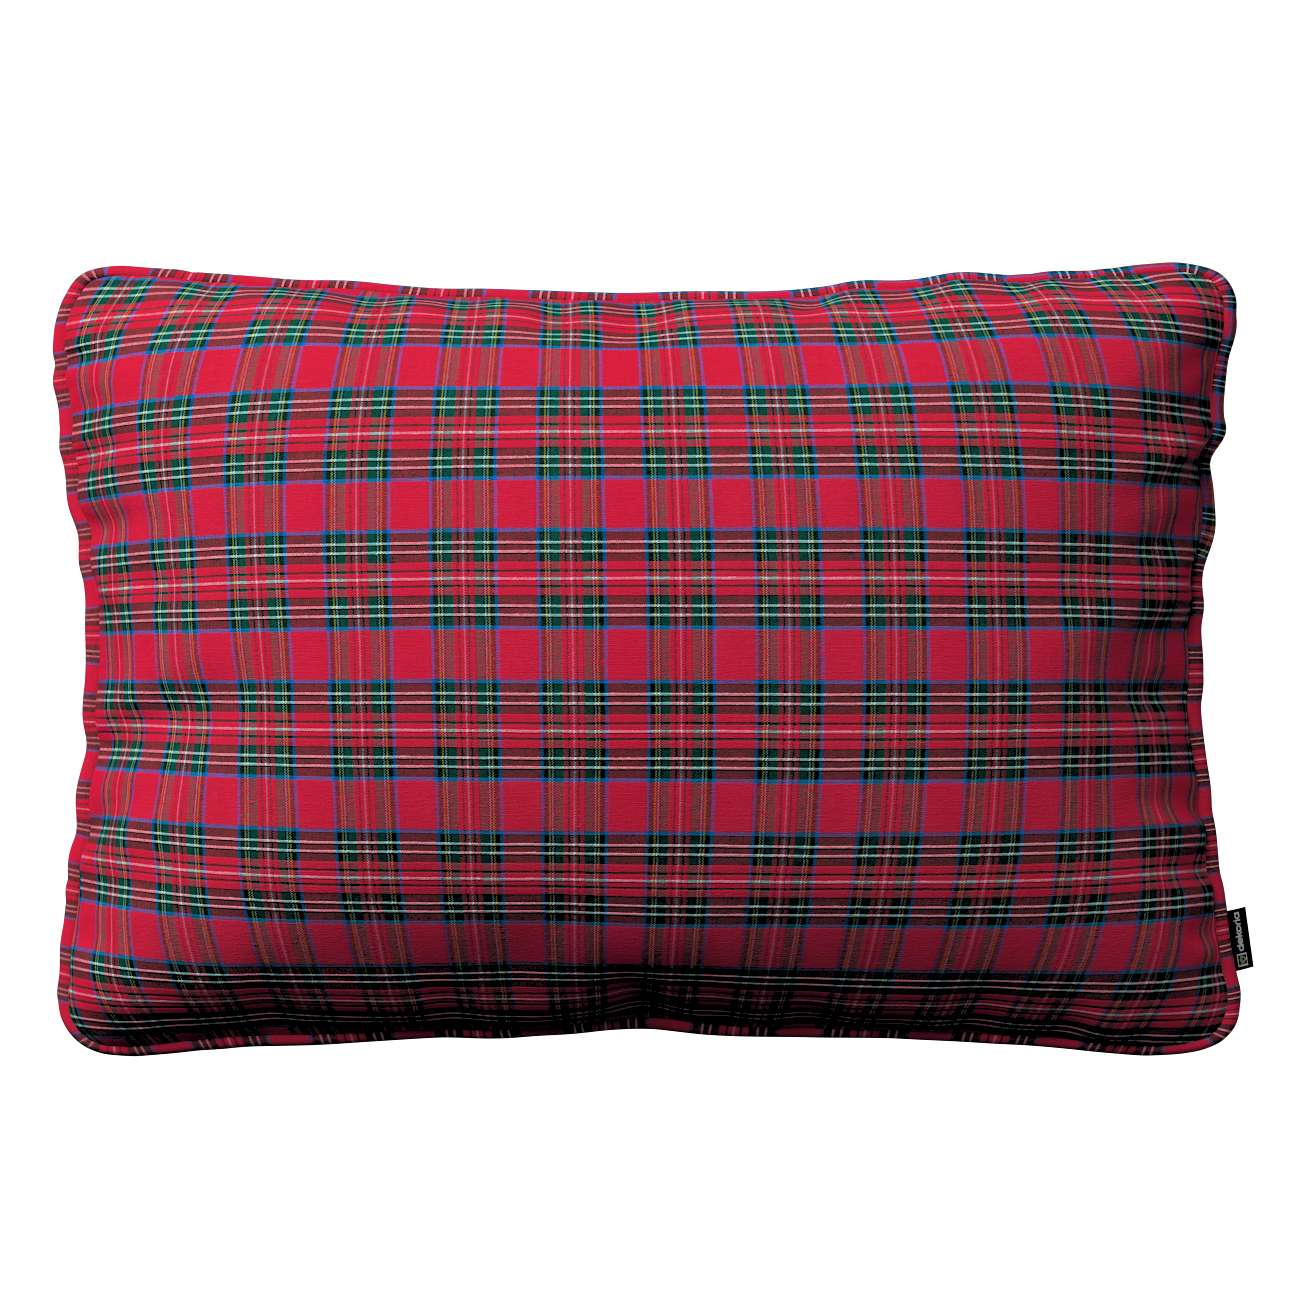 Poszewka Gabi na poduszkę prostokątna 60 x 40 cm w kolekcji Bristol, tkanina: 126-29